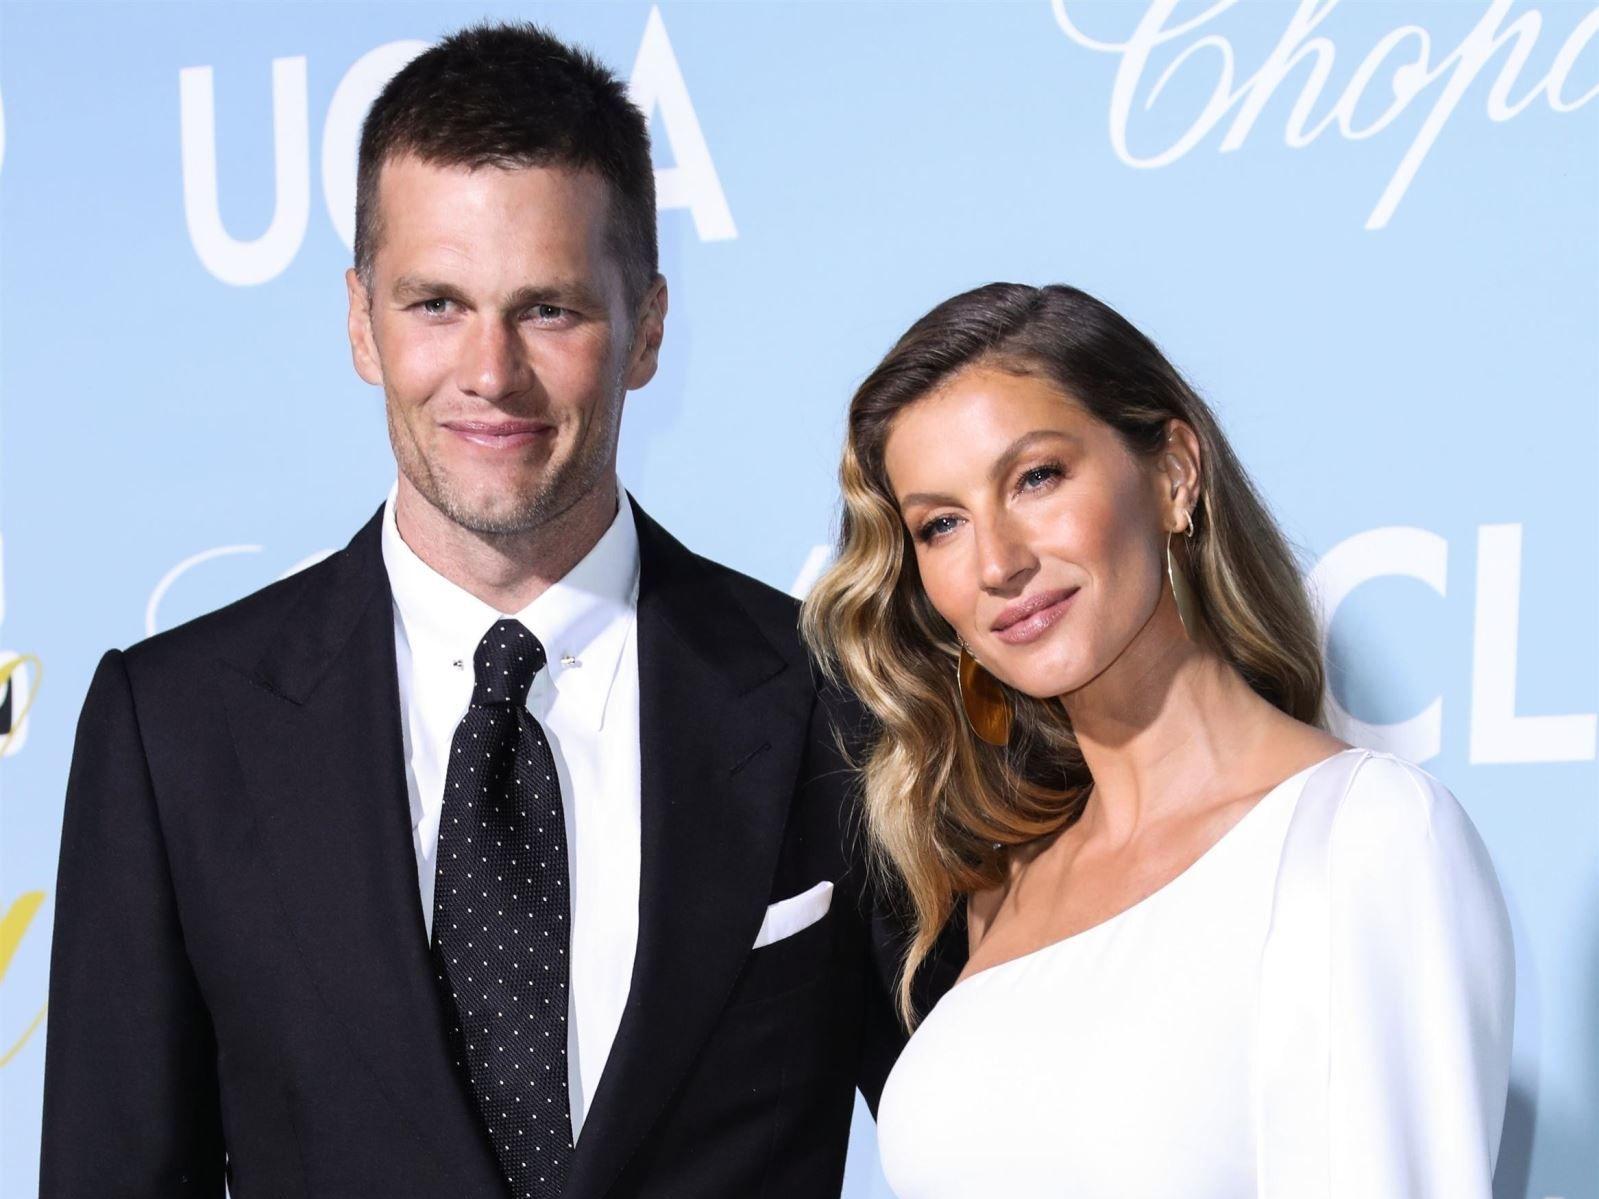 Le touchant message de Gisele Bündchen pour ses 10 ans de mariage avec Tom Brady: